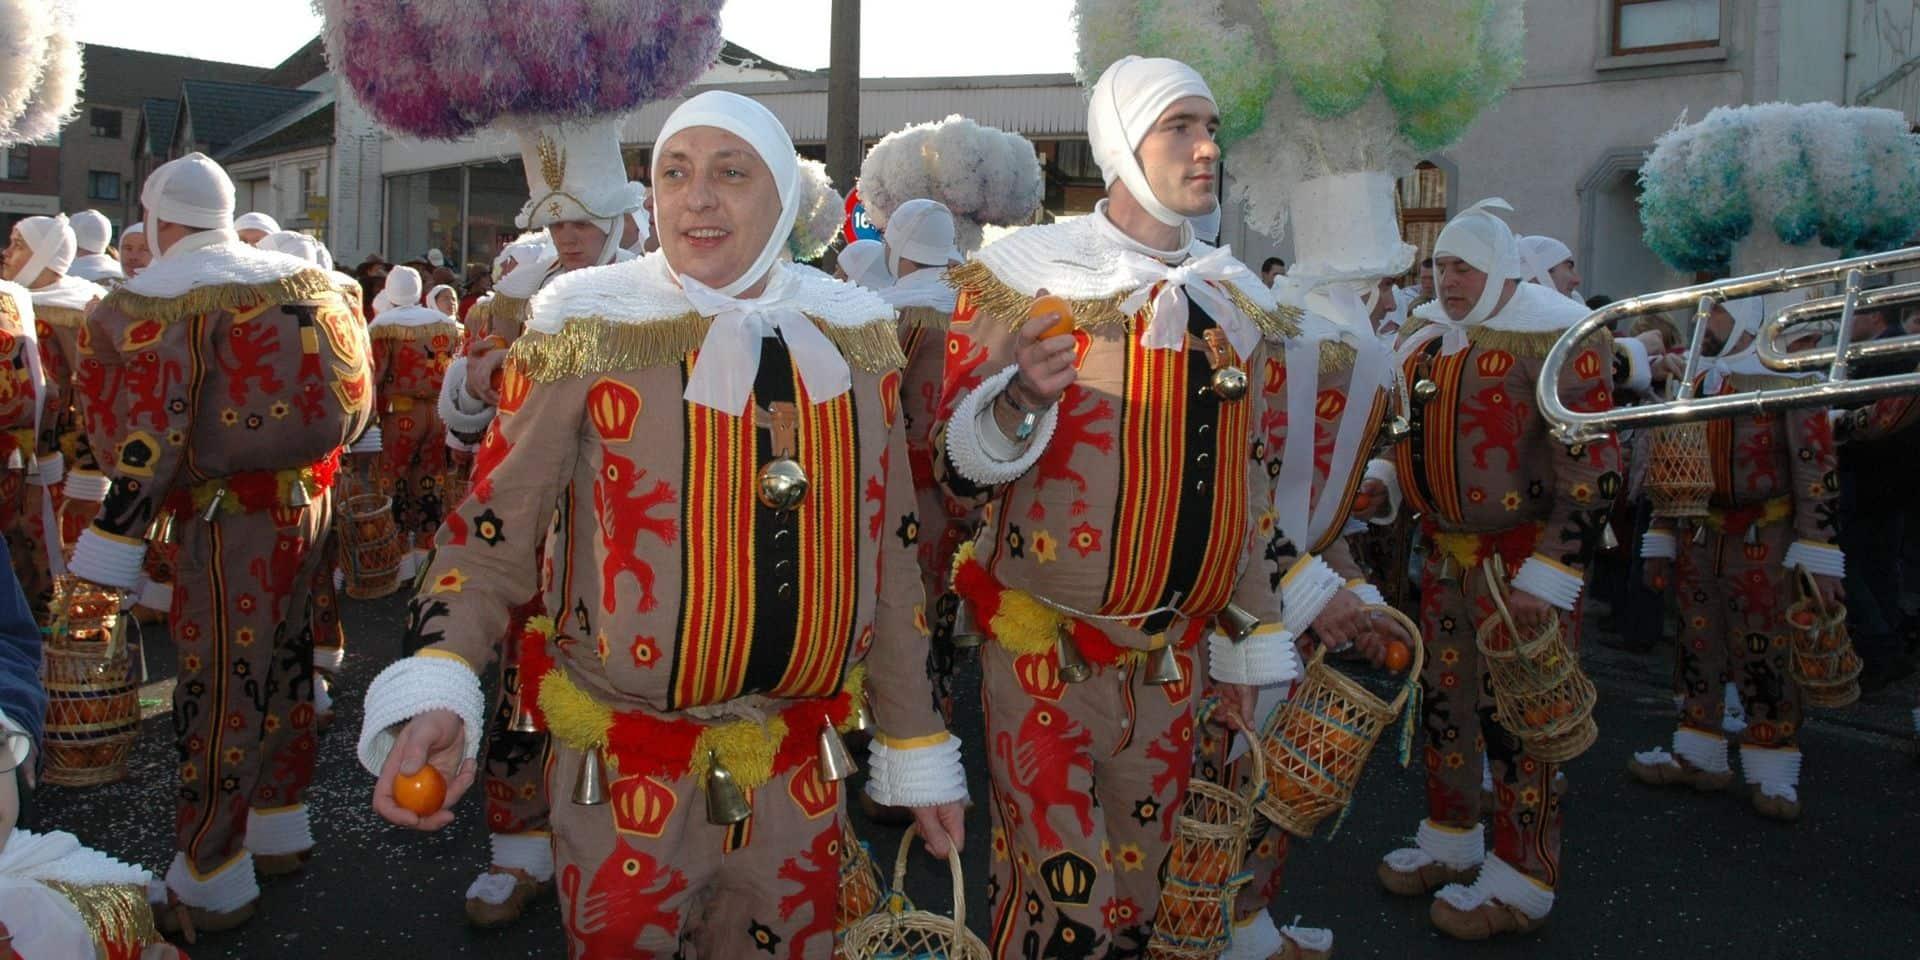 Les Bossus du Ramipont ne sortiront pas au carnaval de Villers-la-Ville en 2021